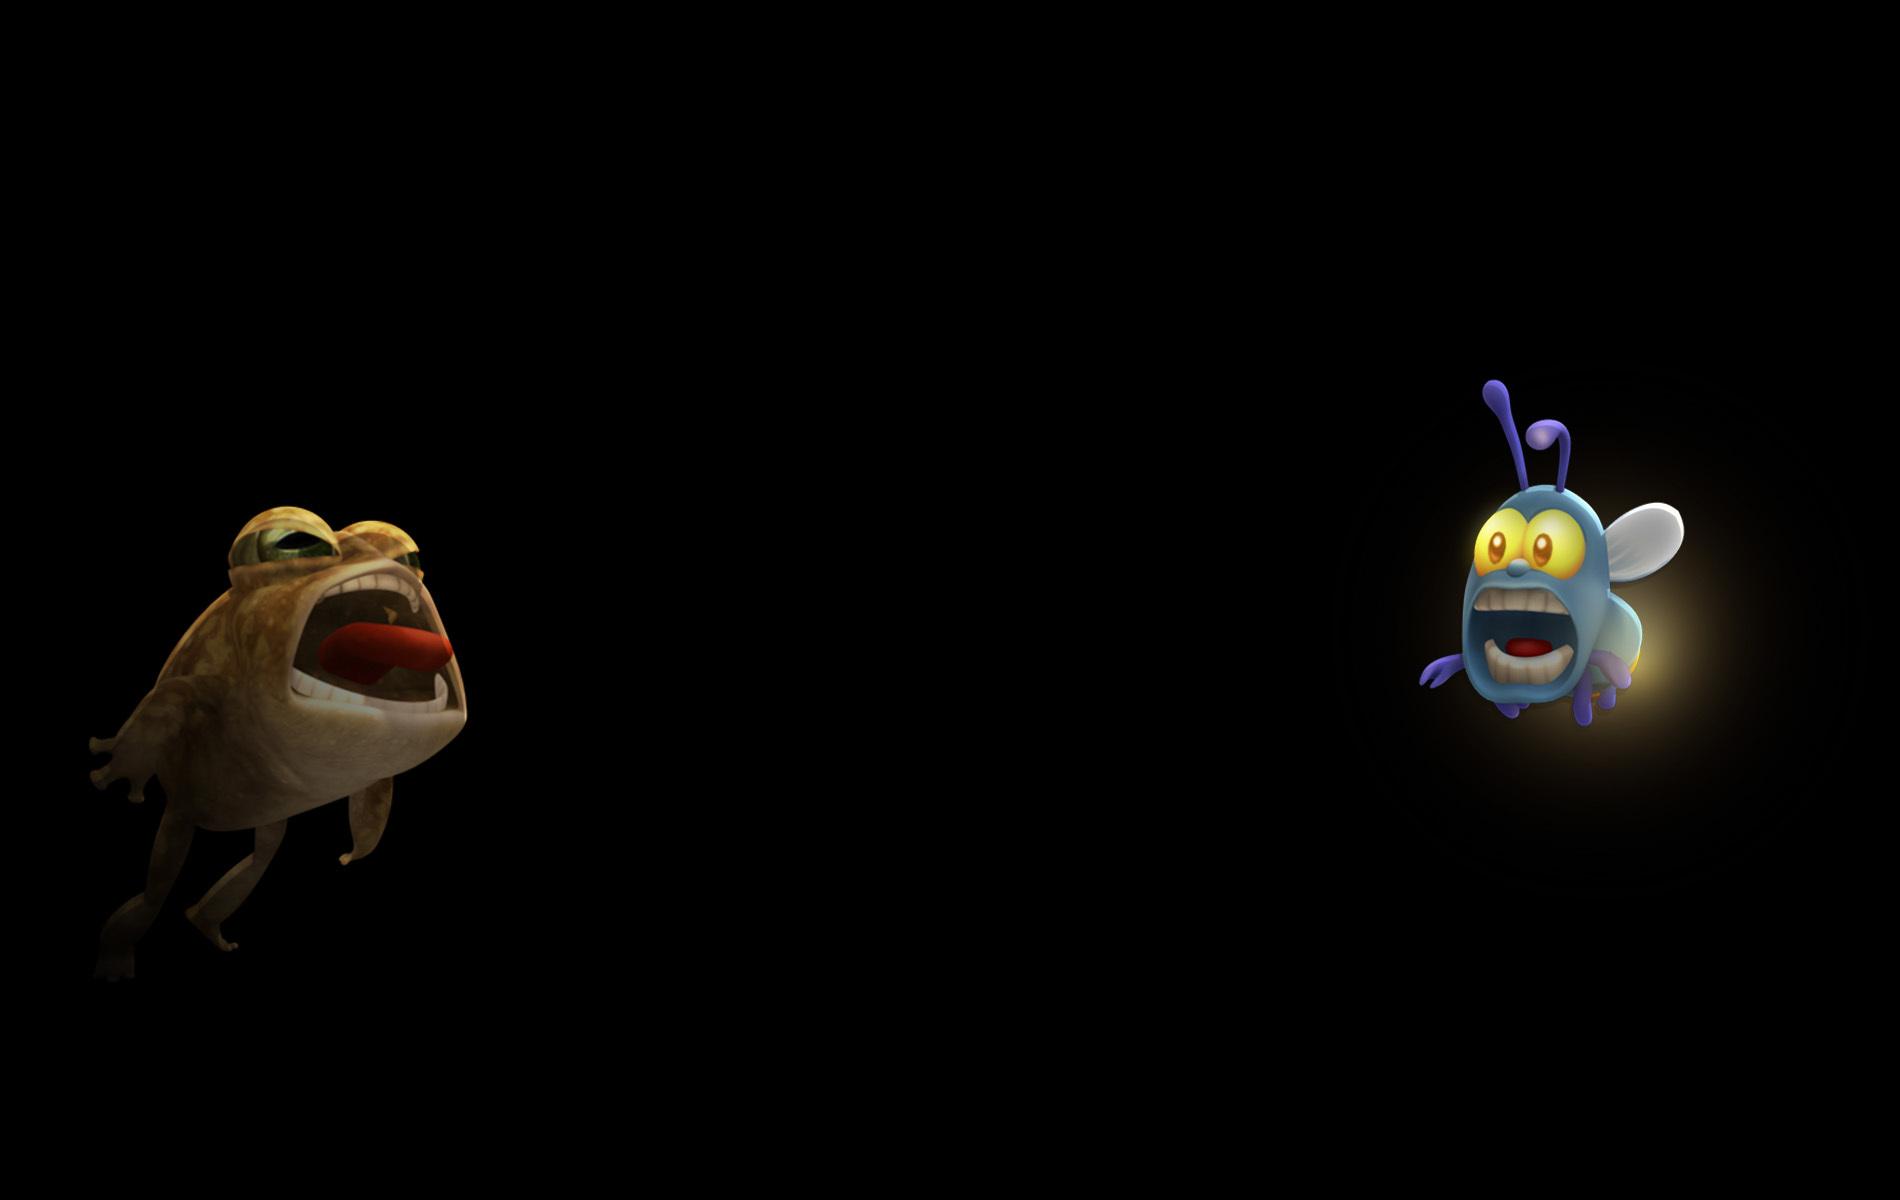 video game shiny the firefly bakgrund